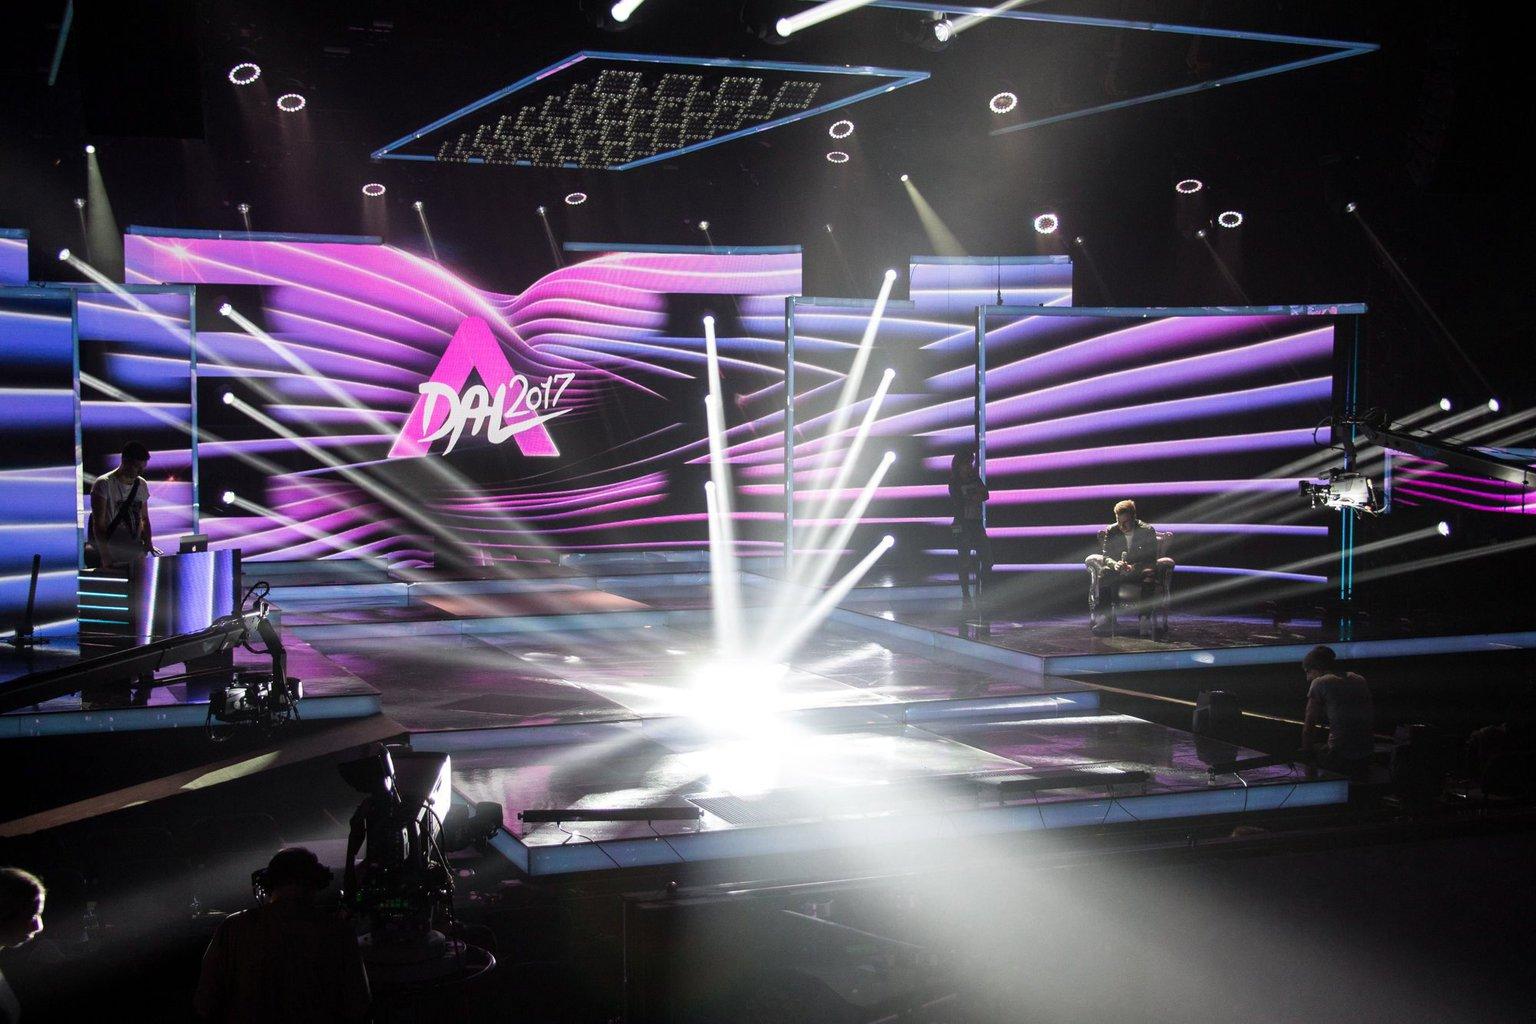 Az Eurovíziós Dalfesztivál magyar versenye, A Dal 2017 című televíziós showműsor díszlete a Médiaszolgáltatás-támogató és Vagyonkezelő Alap (MTVA) Kunigunda utcai gyártóbázisán 2017. január 11-én (MTI Fotó: MTVA Sajtóosztály)